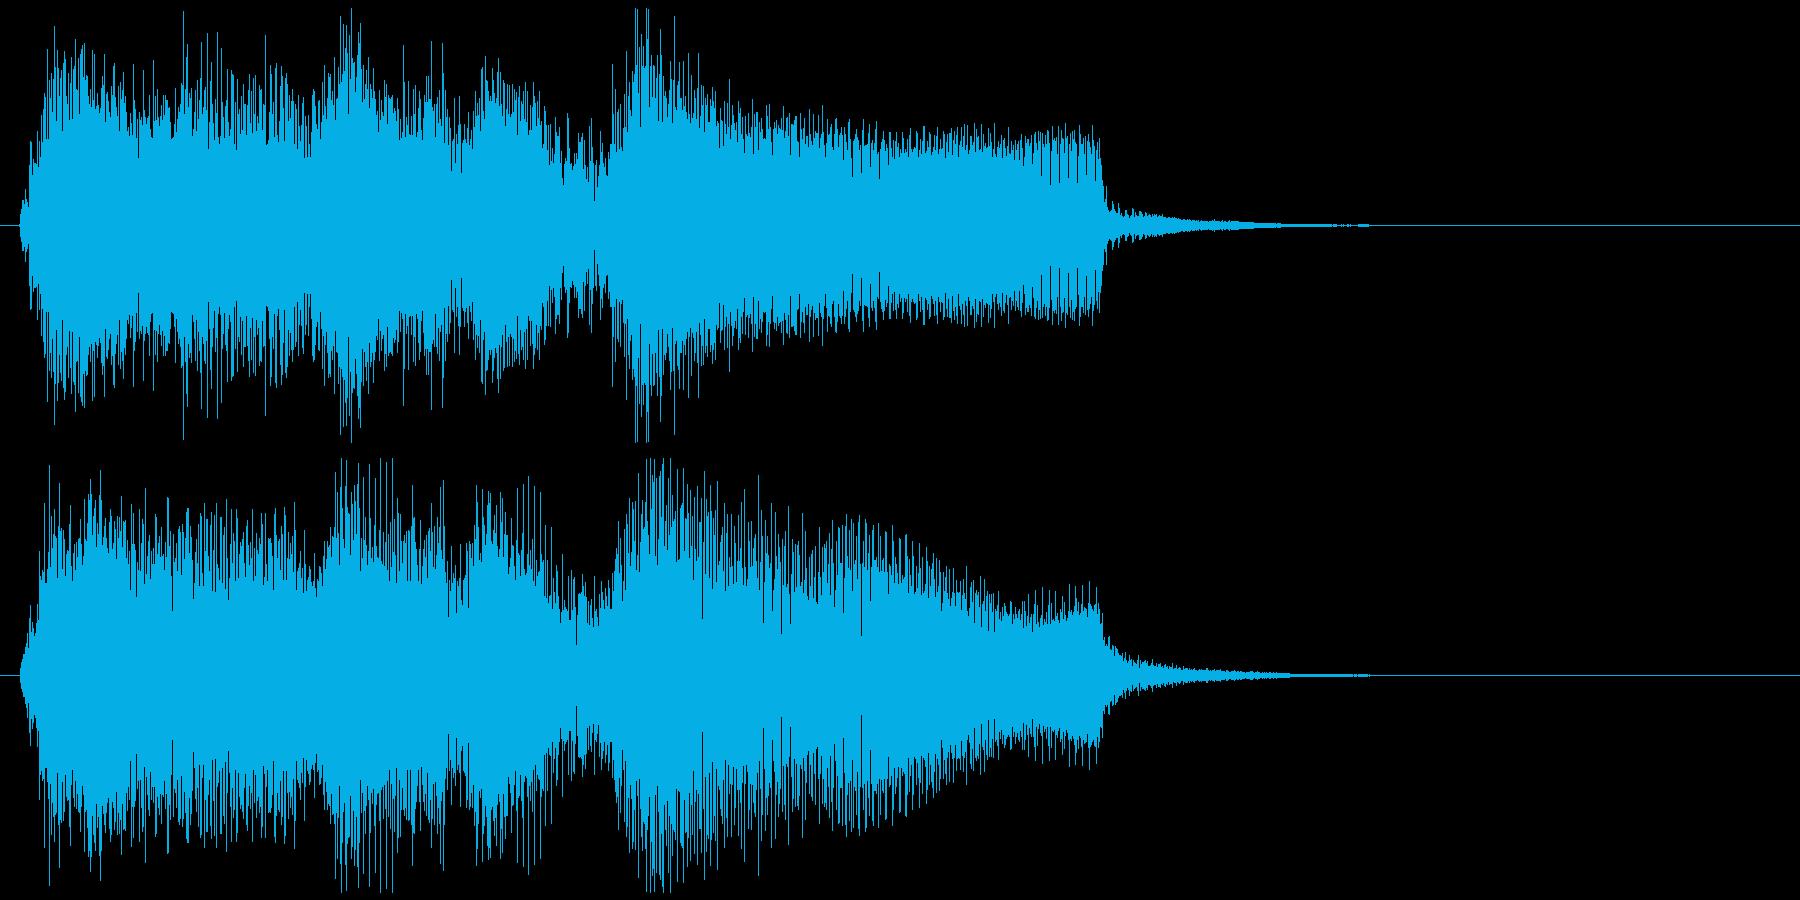 滑らかなサックスの場面転換系サウンドロゴの再生済みの波形